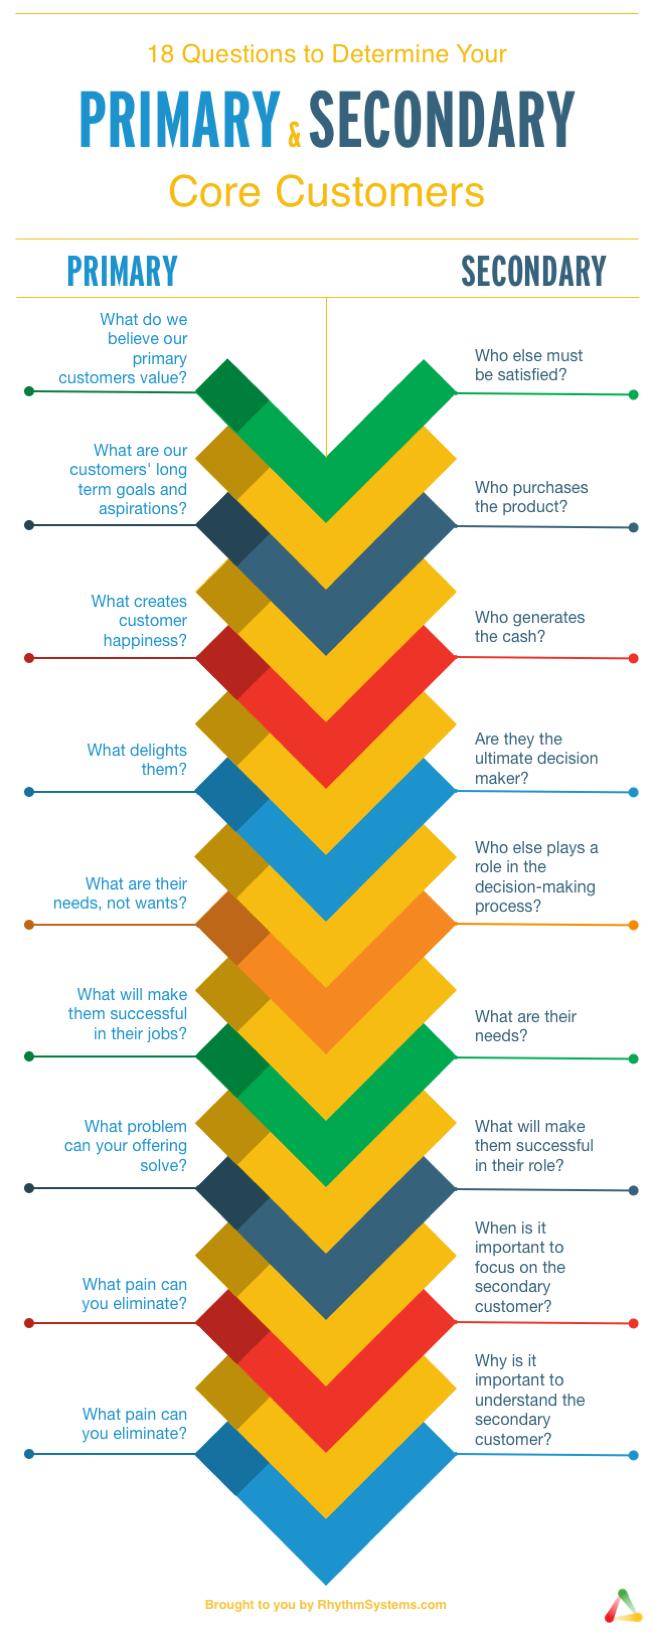 Primary vs. Secondary Core Customer